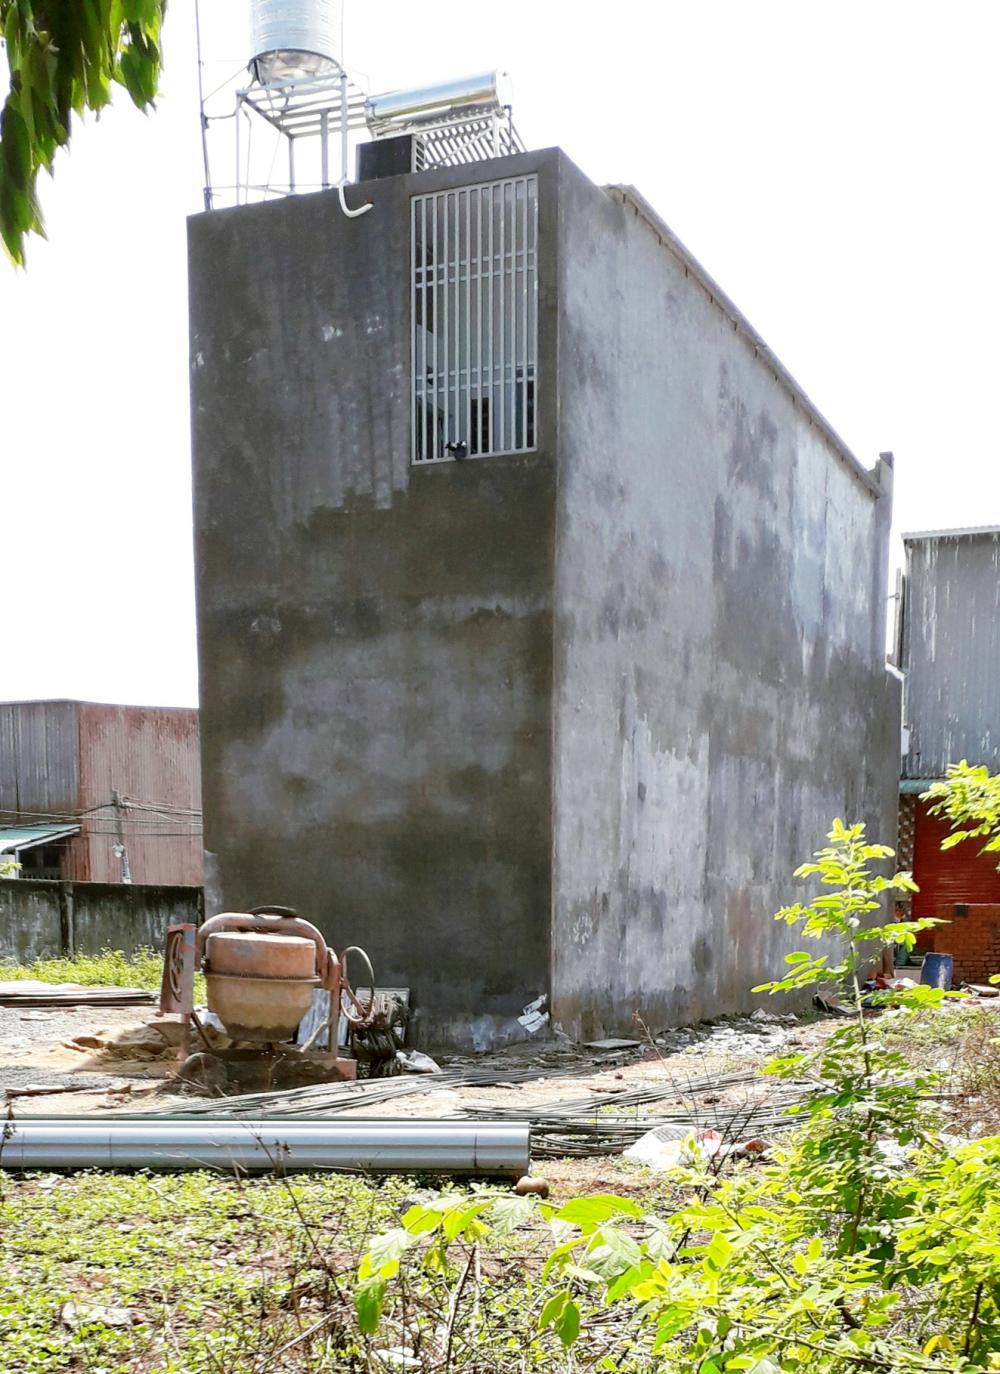 """Căn nhà bề thế này được bà tổ trưởng tổ nhân dân dùng để chứng minh """"quyền lực"""" về xây nhà không phép nhưng không bị xử lý. Hình ảnh căn nhà đã được chúng tôi chuyển cho UBND xã Vĩnh Lộc A xác minh"""